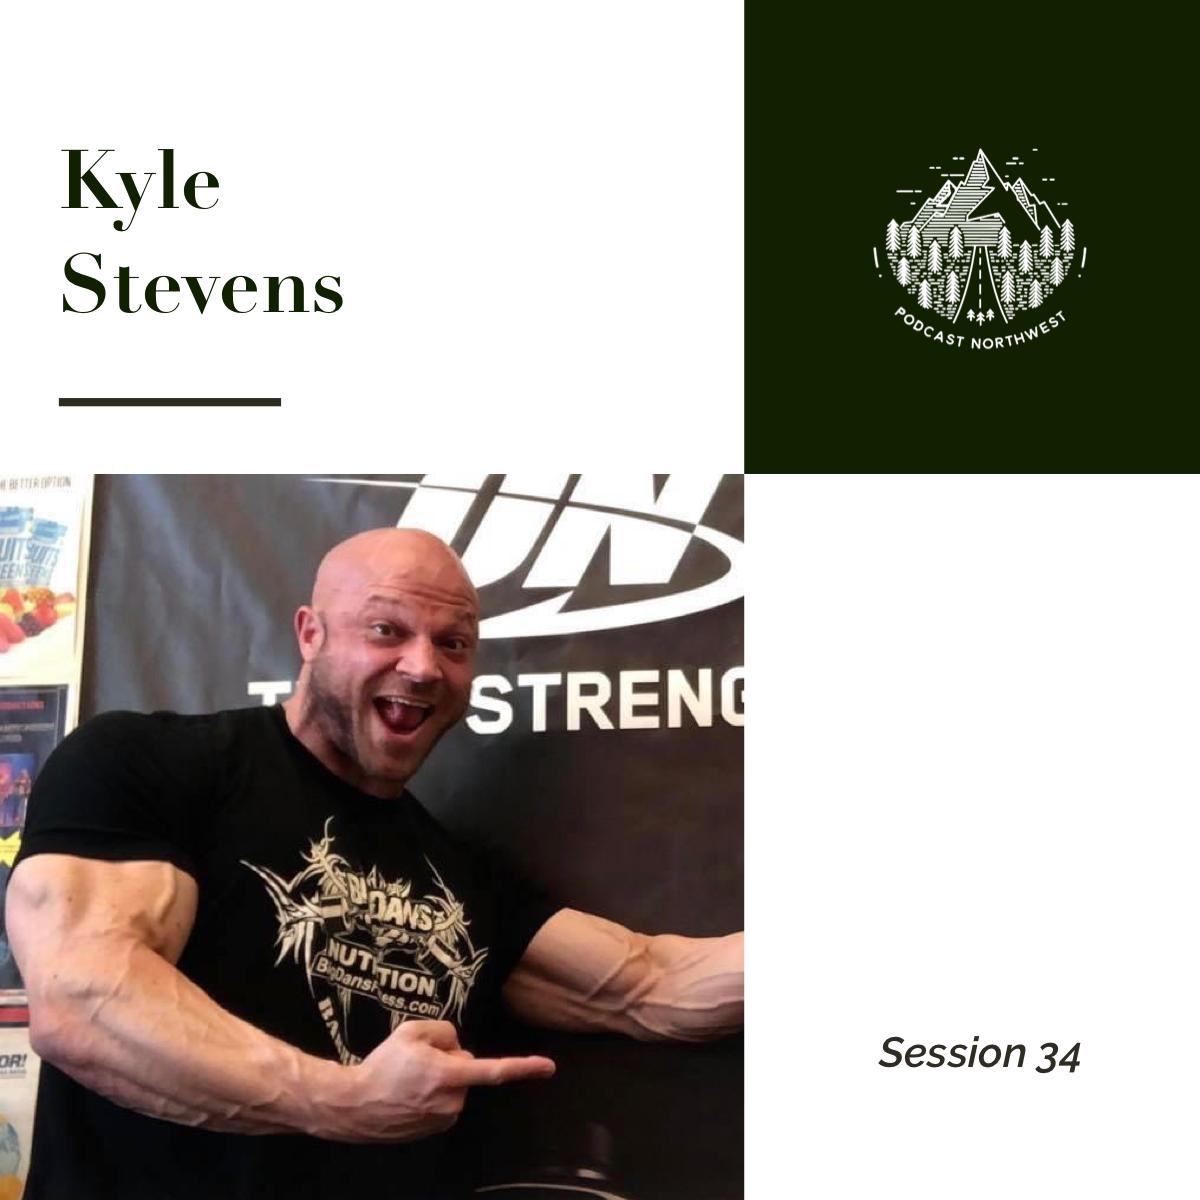 Session 34: Kyle Stevens